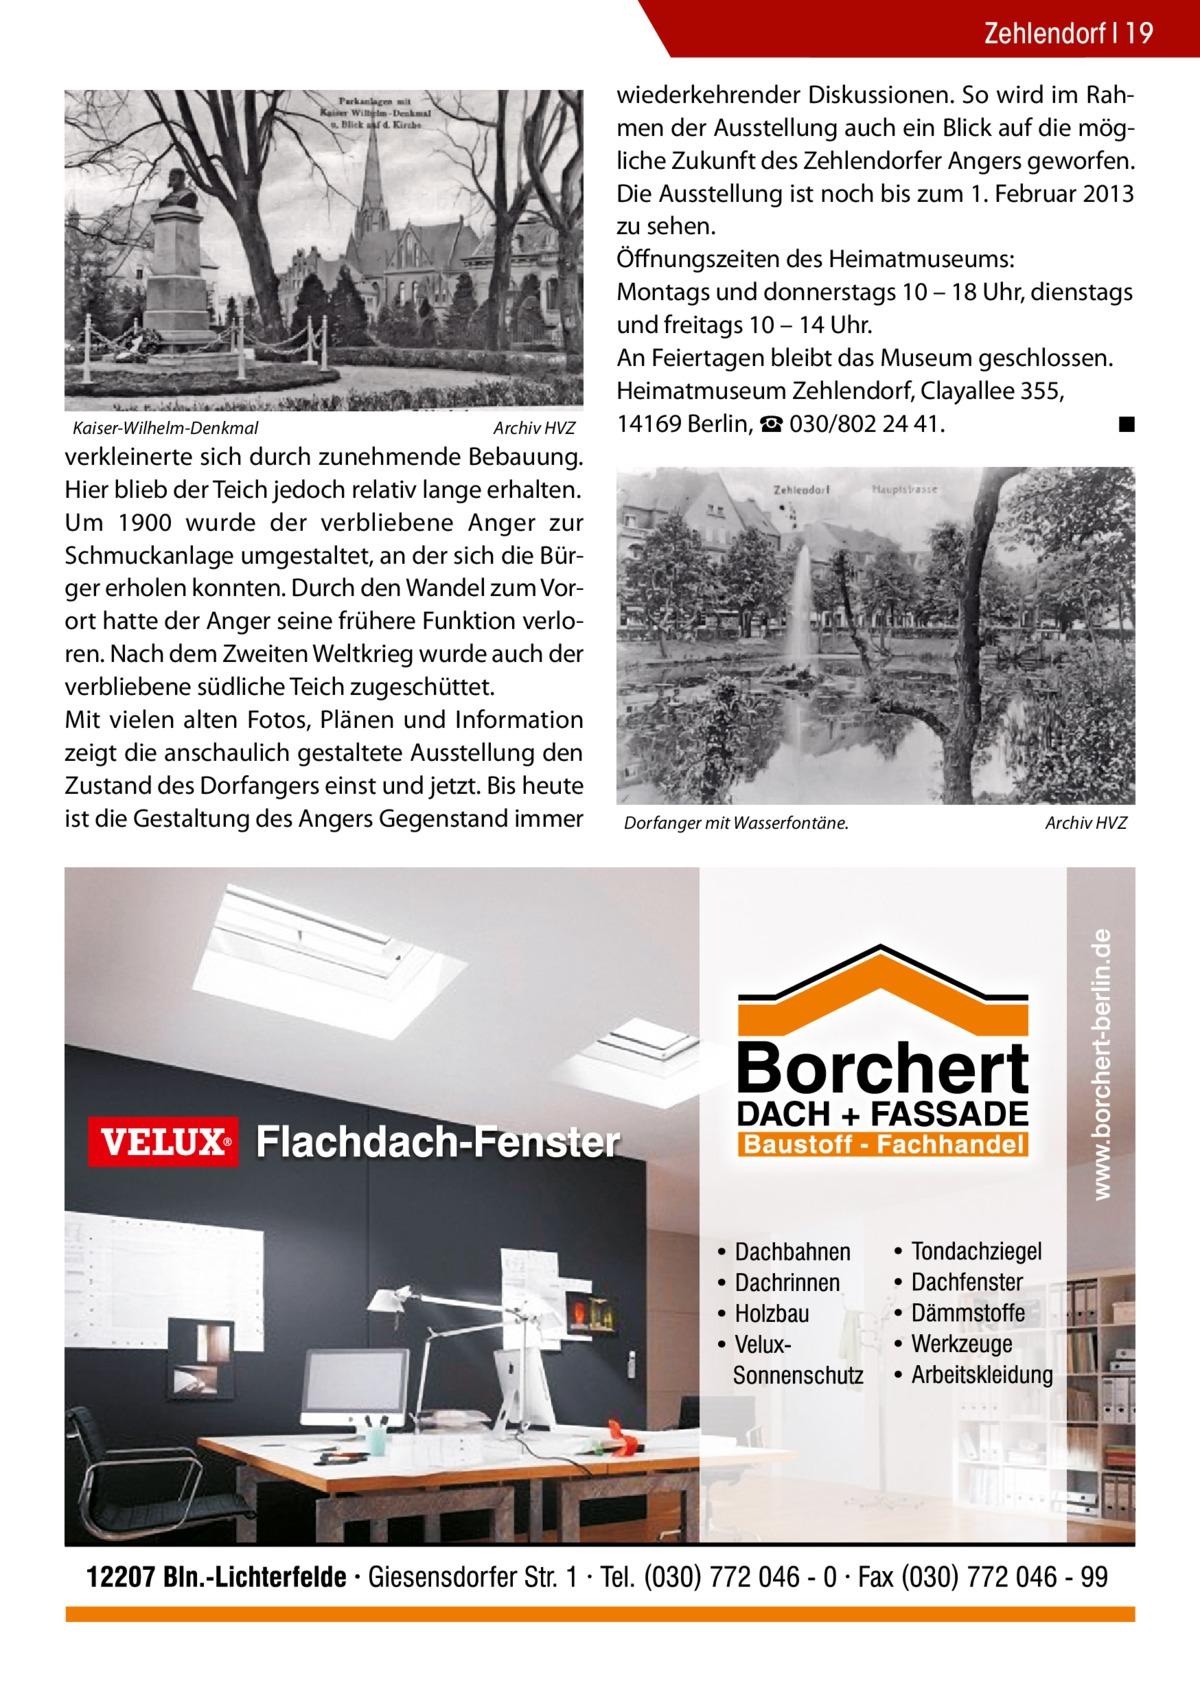 Zehlendorf 19  Kaiser-Wilhelm-Denkmal�  Archiv HVZ  verkleinerte sich durch zunehmende Bebauung. Hier blieb der Teich jedoch relativ lange erhalten. Um 1900 wurde der verbliebene Anger zur Schmuckanlage umgestaltet, an der sich die Bürger erholen konnten. Durch den Wandel zum Vorort hatte der Anger seine frühere Funktion verloren. Nach dem Zweiten Weltkrieg wurde auch der verbliebene südliche Teich zugeschüttet. Mit vielen alten Fotos, Plänen und Information zeigt die anschaulich gestaltete Ausstellung den Zustand des Dorfangers einst und jetzt. Bis heute ist die Gestaltung des Angers Gegenstand immer  wiederkehrender Diskussionen. So wird im Rahmen der Ausstellung auch ein Blick auf die mögliche Zukunft des Zehlendorfer Angers geworfen. Die Ausstellung ist noch bis zum 1. Februar 2013 zu sehen. Öffnungszeiten des Heimatmuseums: Montags und donnerstags 10 – 18 Uhr, dienstags und freitags 10 – 14 Uhr. An Feiertagen bleibt das Museum geschlossen. Heimatmuseum Zehlendorf, Clayallee 355, 14169 Berlin, ☎030/8022441. � ◾  Dorfanger mit Wasserfontäne.�  Archiv HVZ